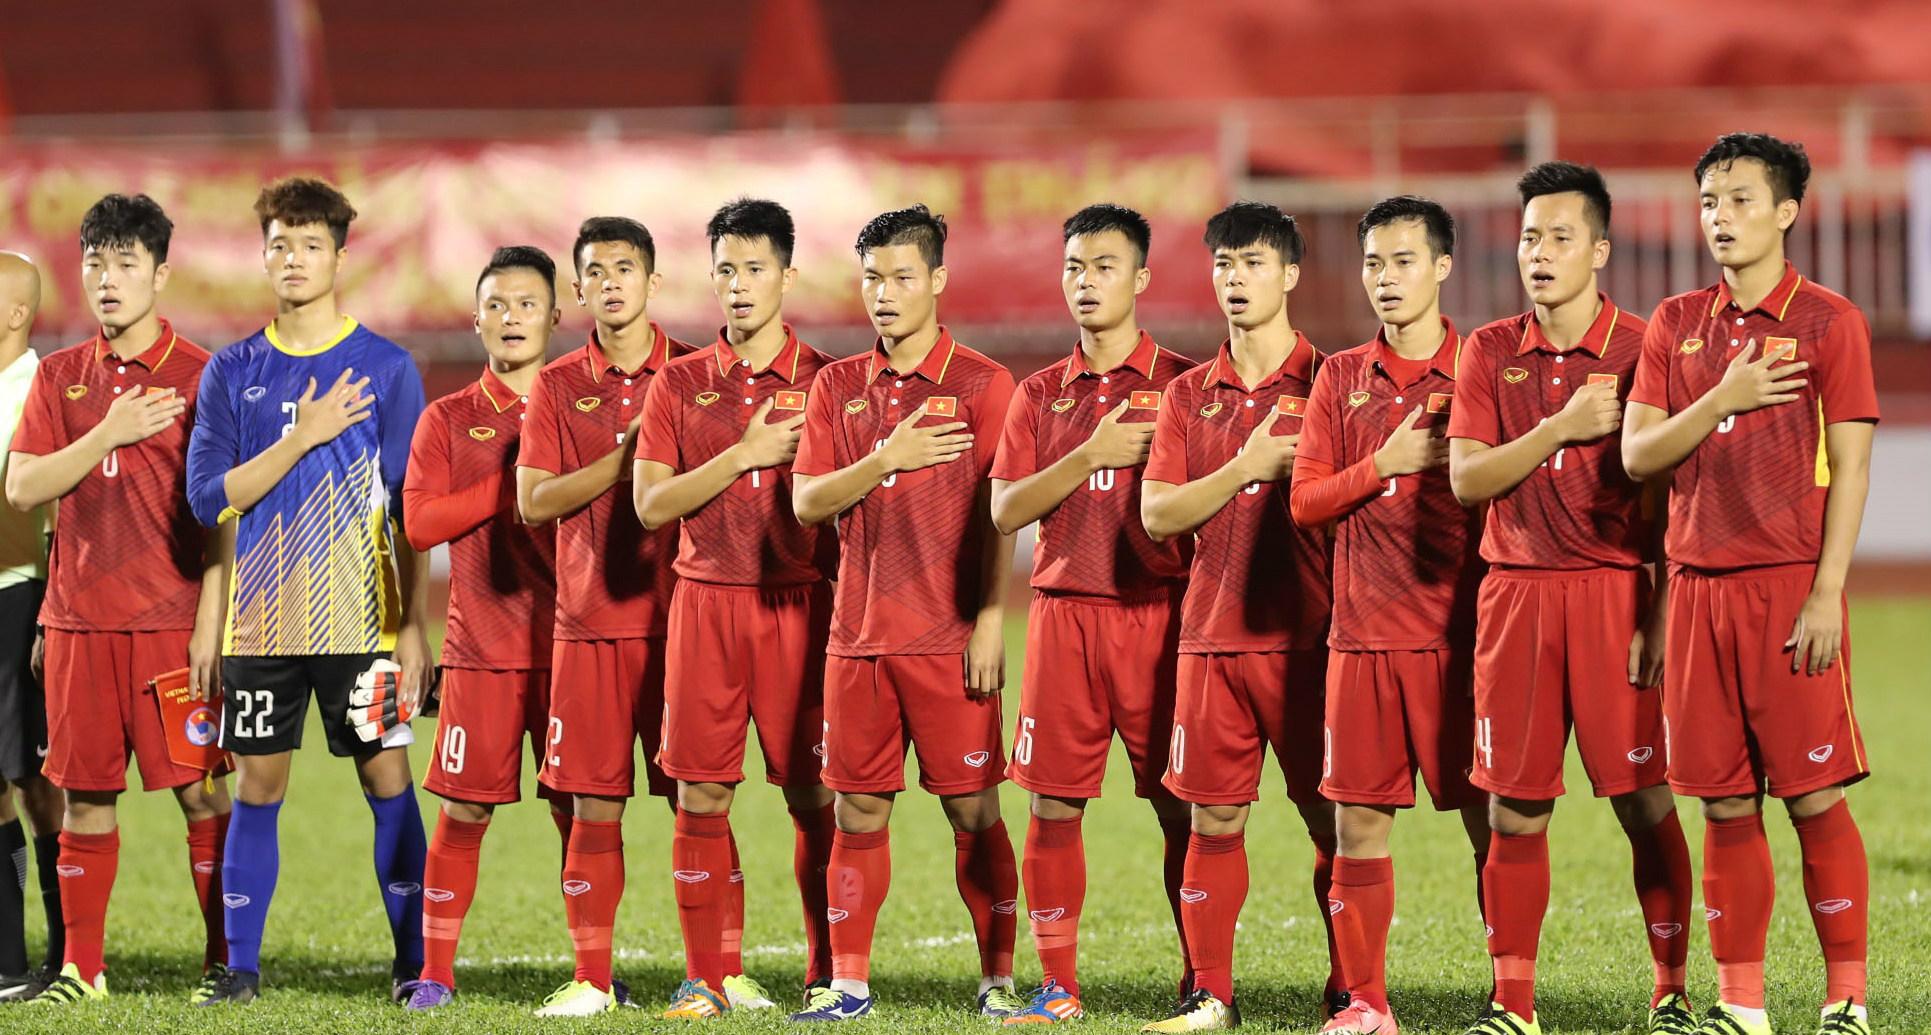 Những trường hợp nào giúp U22 Việt Nam giành vé dự VCK U23 châu Á?